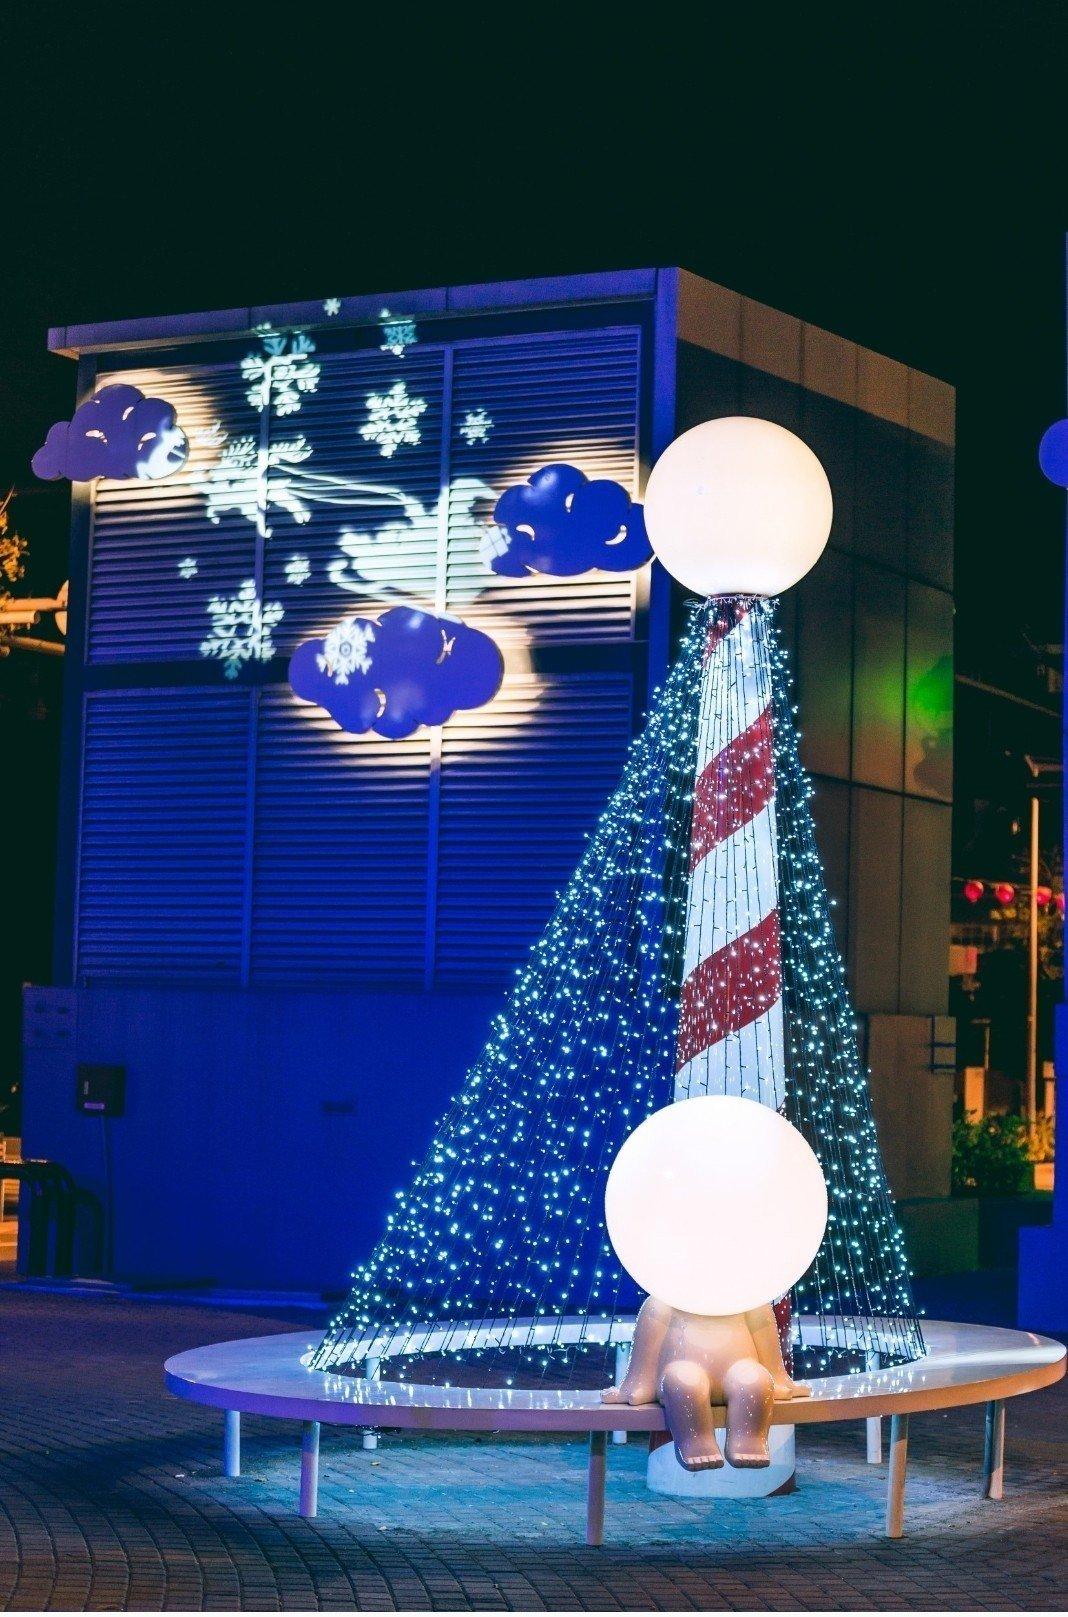 台南市海安路街道美術館聖誕節又有新的創意。圖/都市藝術工作室提供